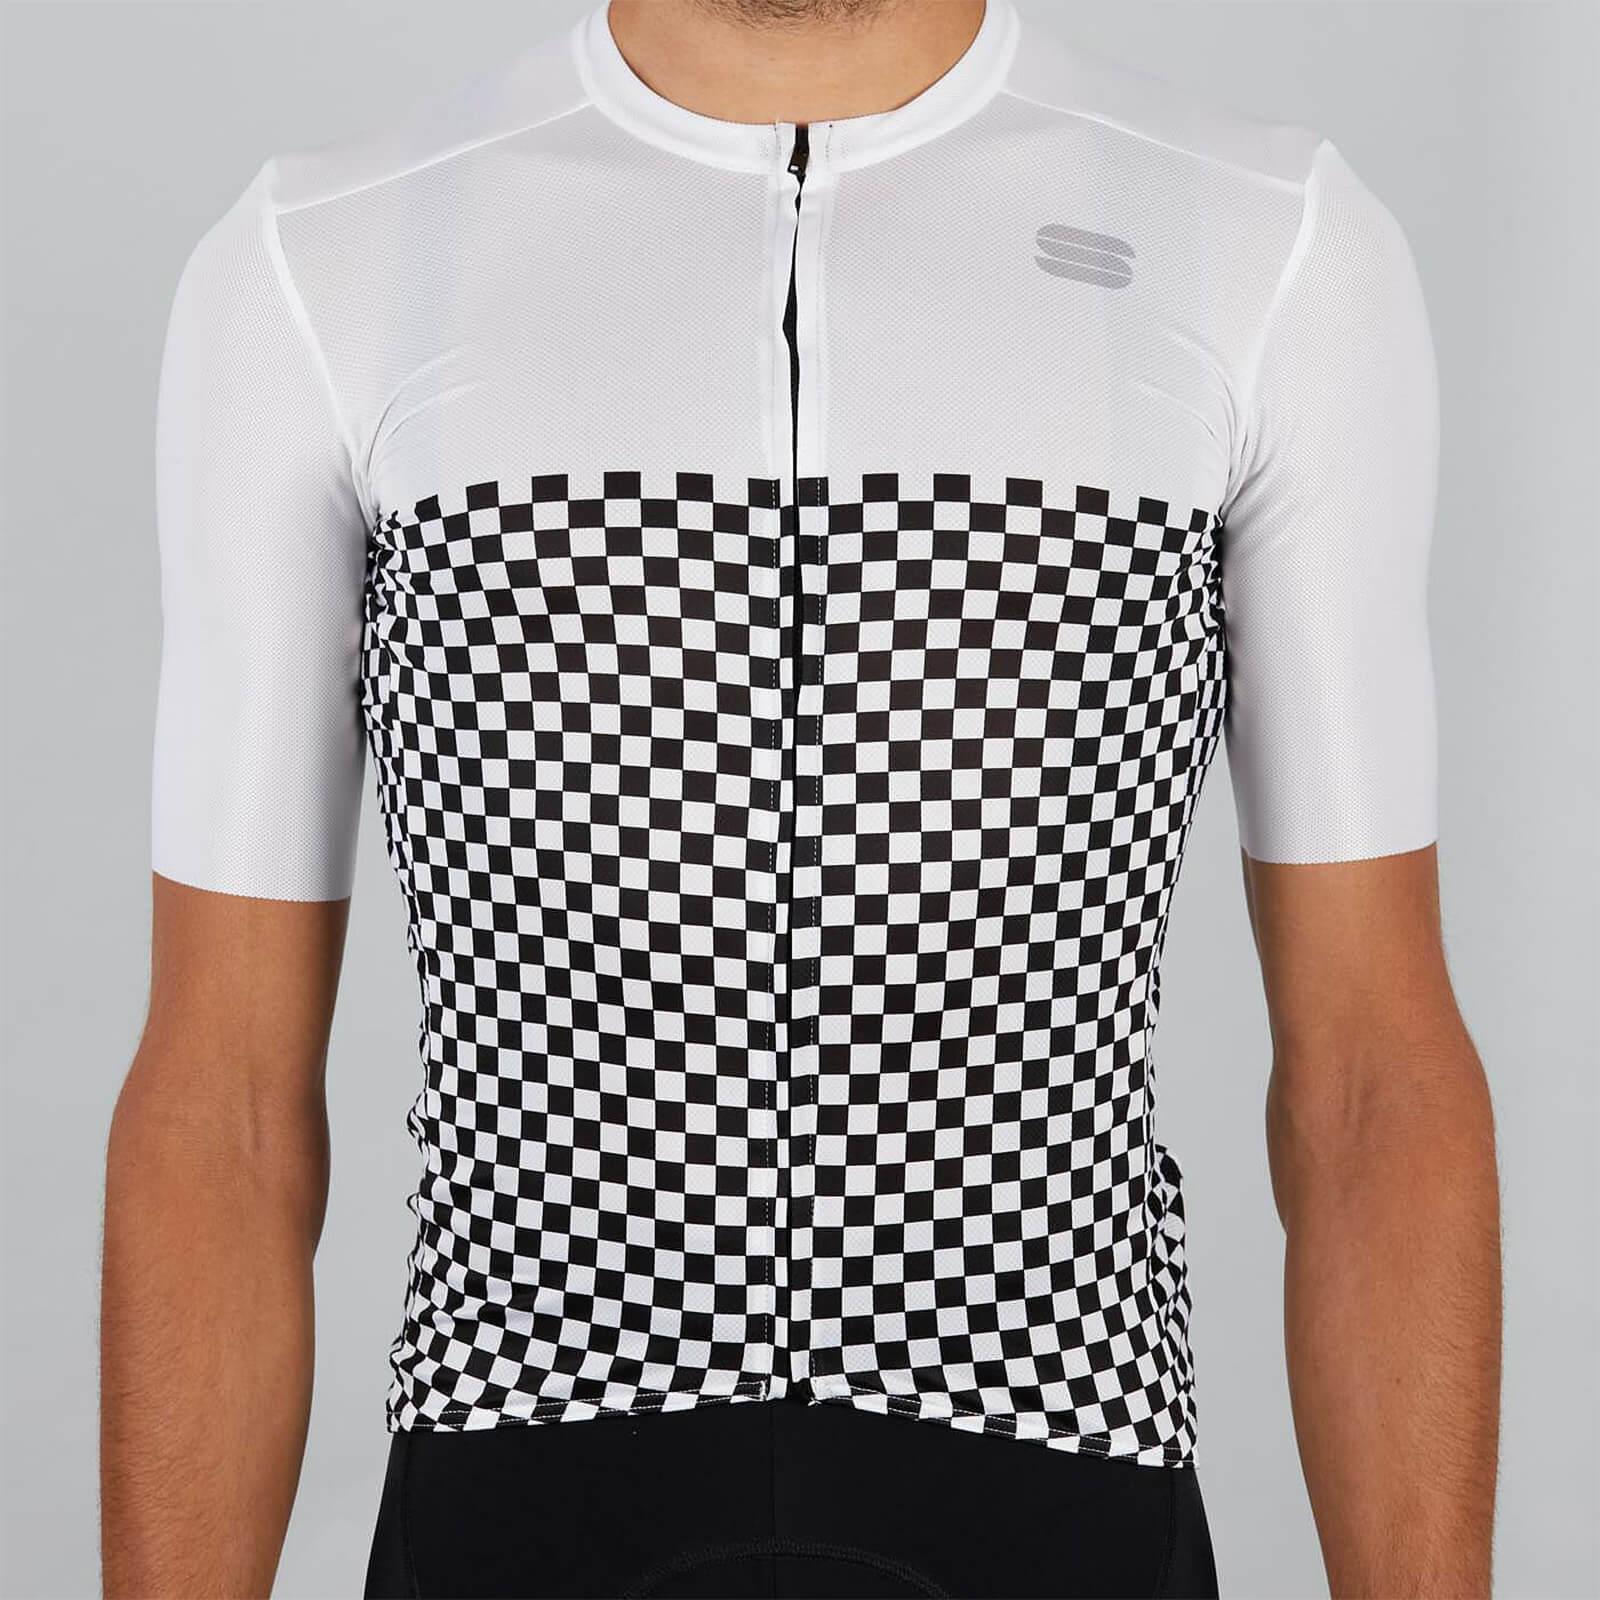 Sportful Checkmate Jersey - XL - Weiß